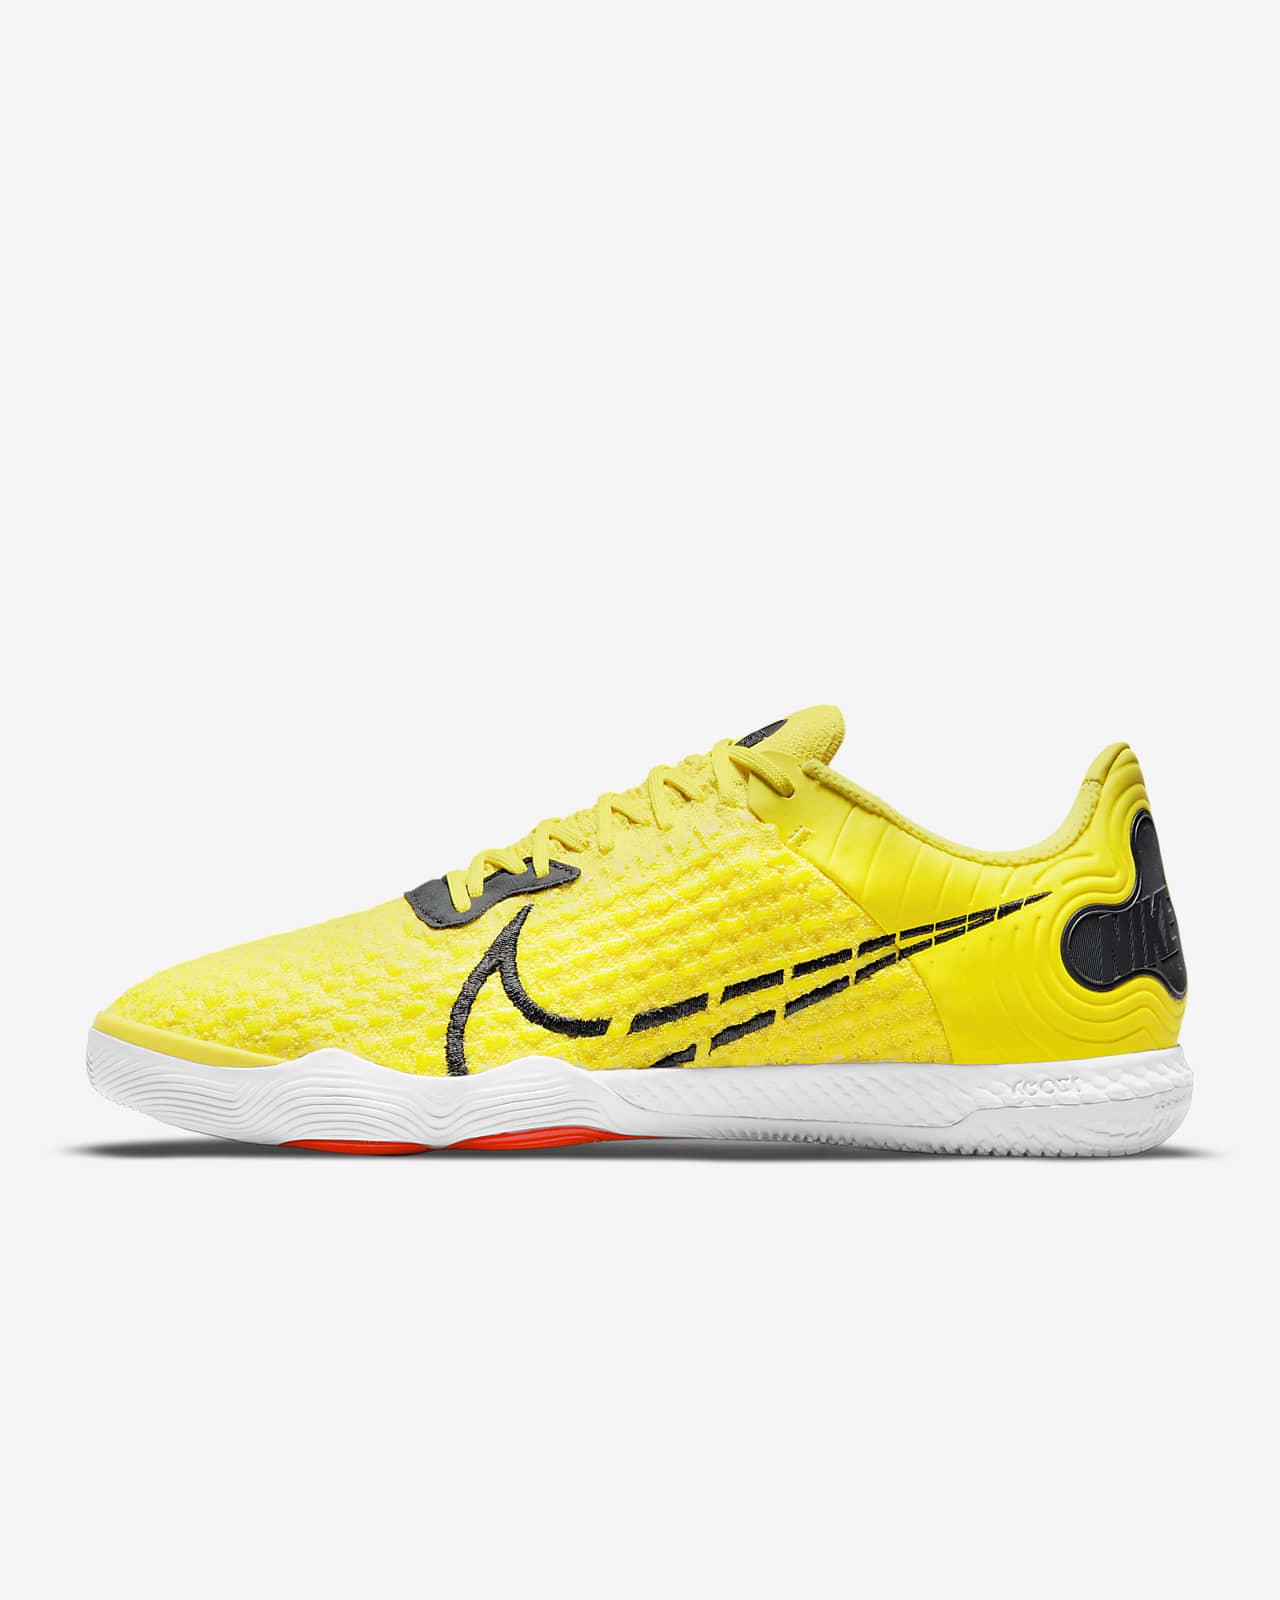 Ποδοσφαιρικό παπούτσι για κλειστά γήπεδα Nike React Gato